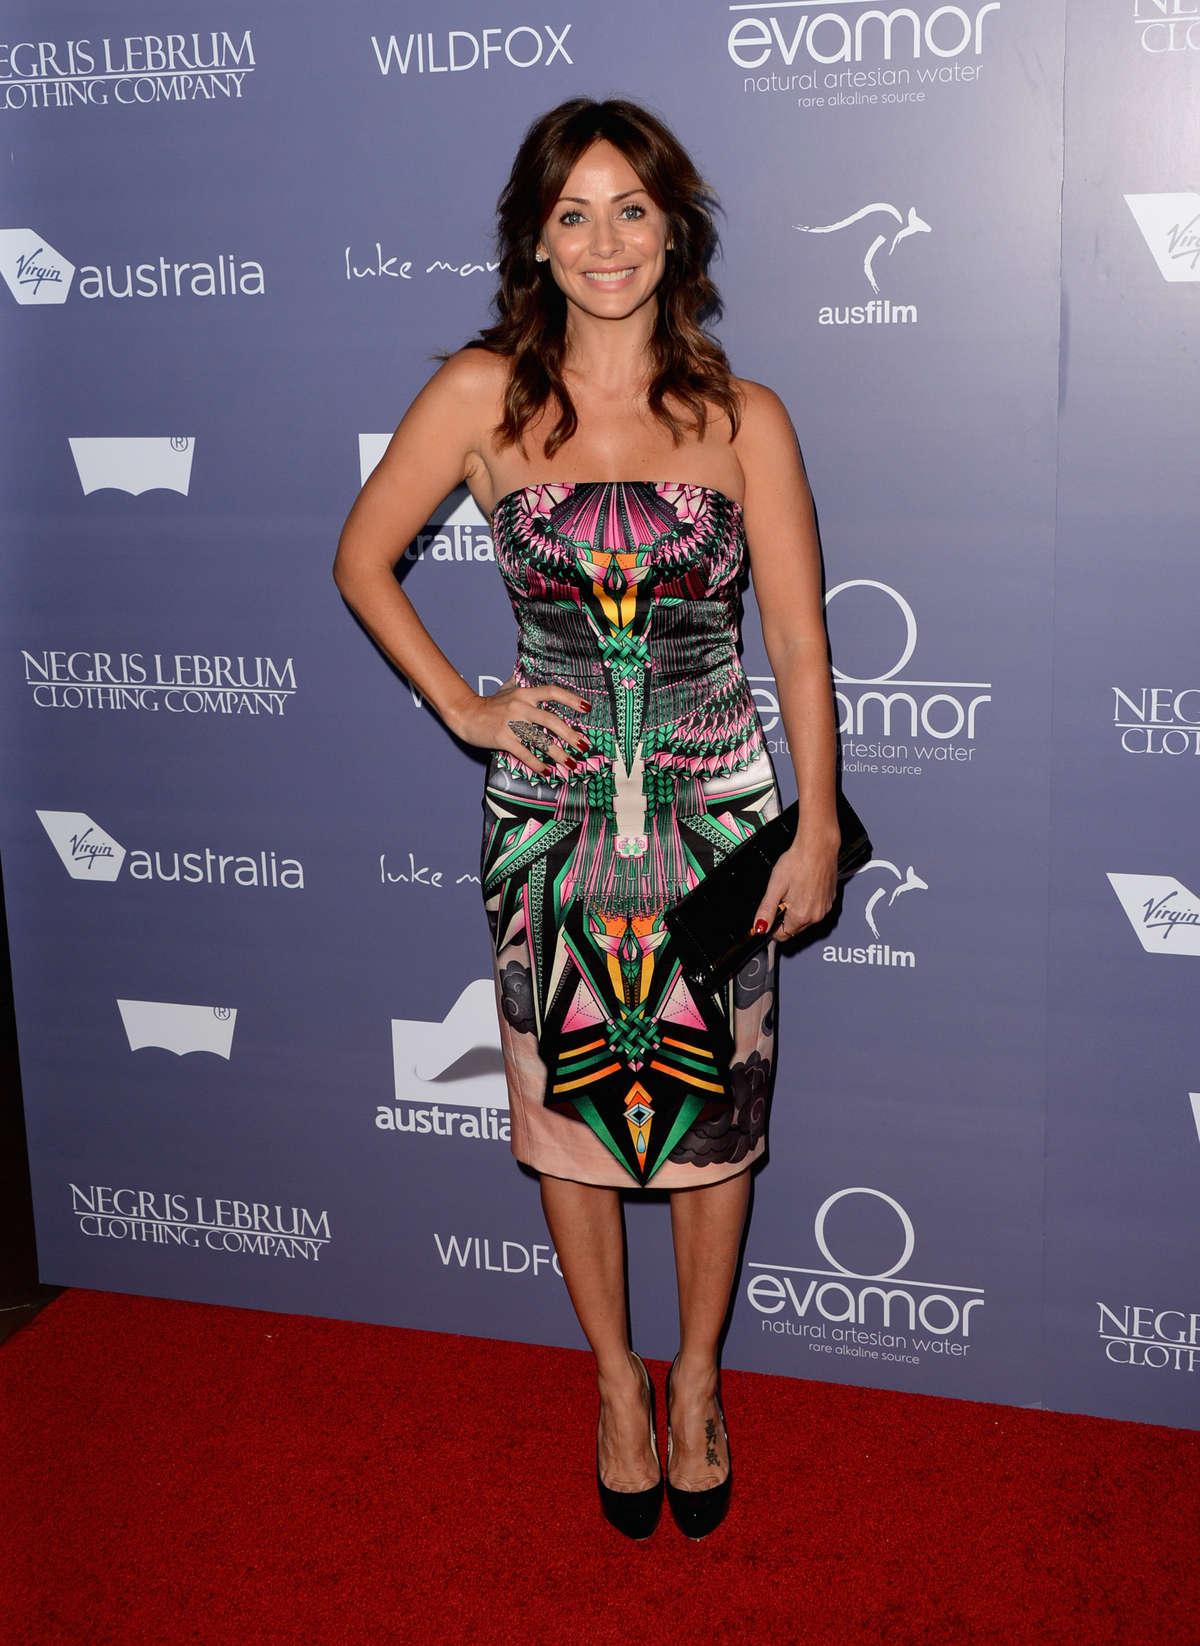 Natalie Imbruglia Australians In Film Awards Dinner